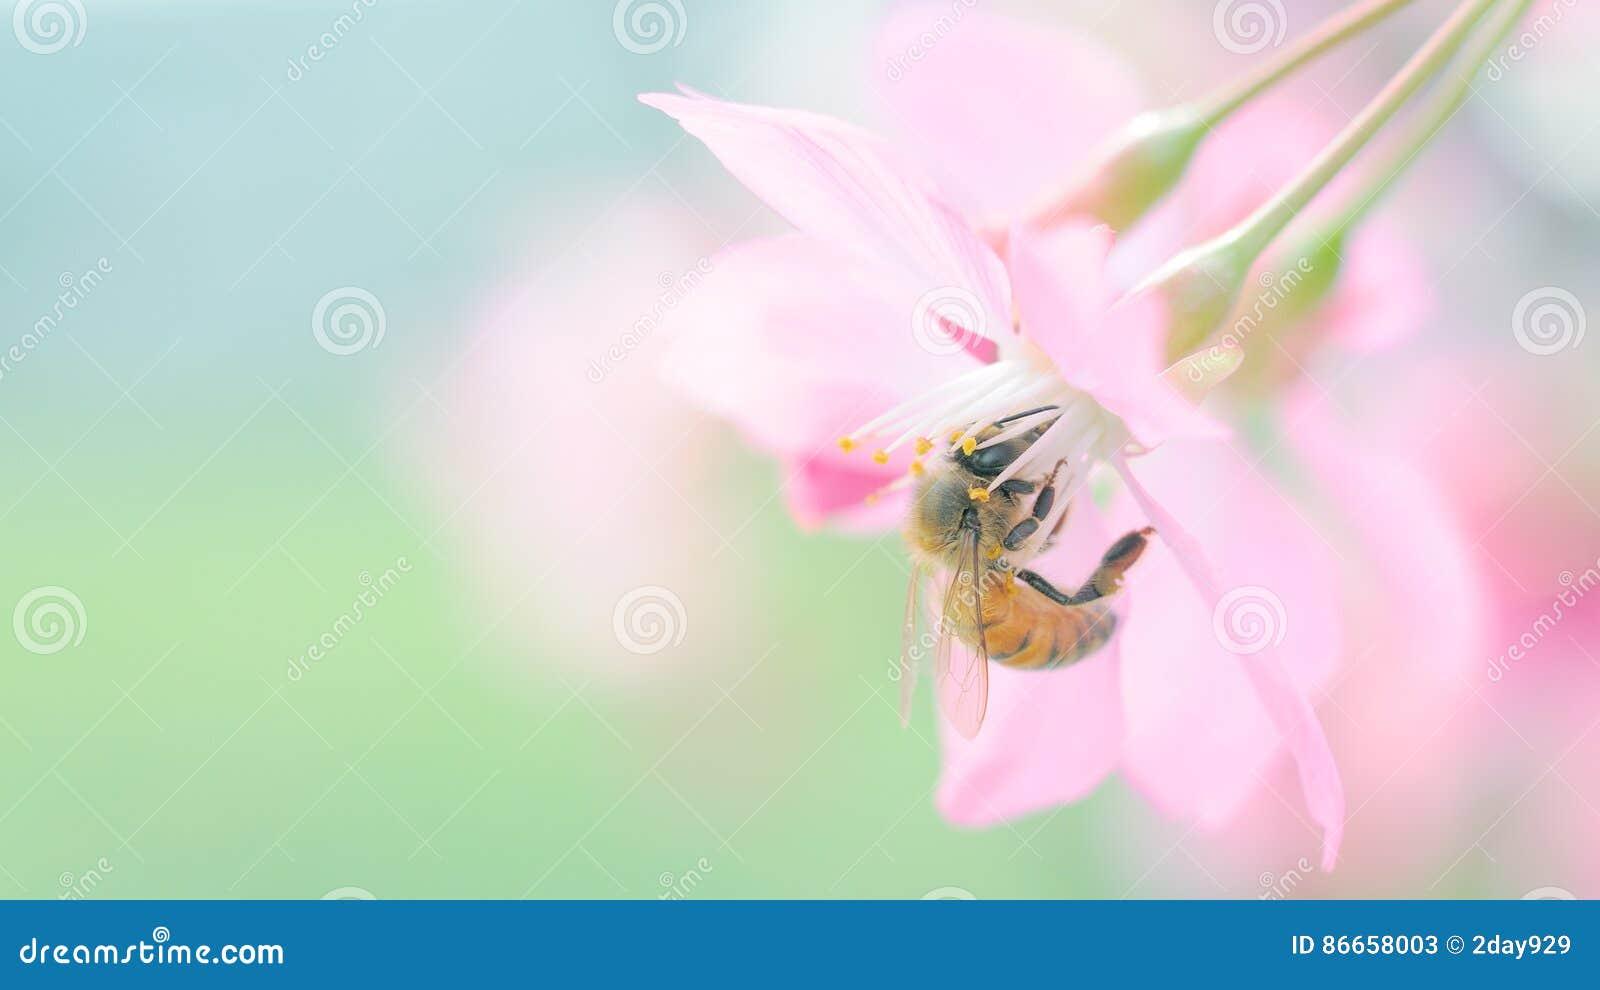 Abeja y flor de cerezo